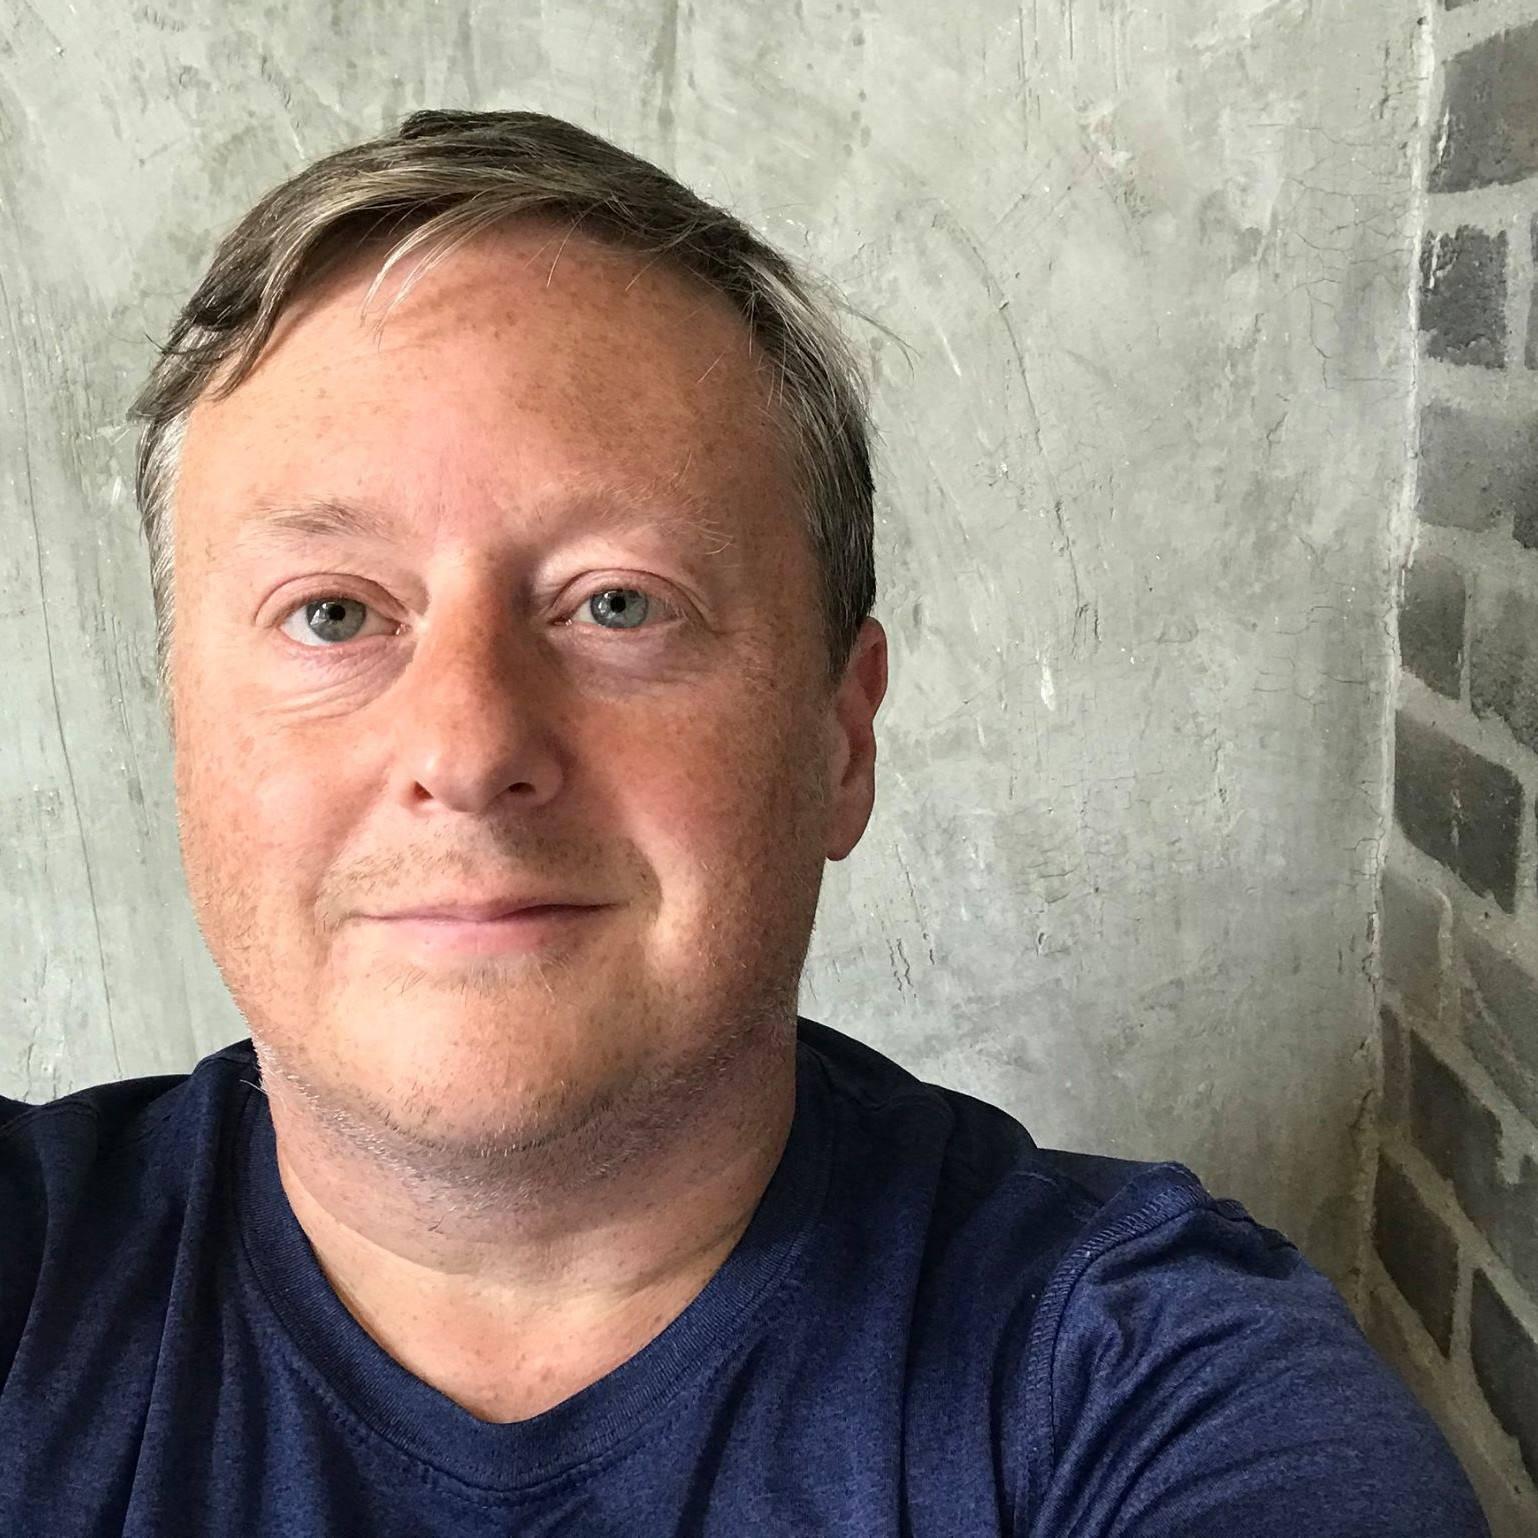 Remote work coach, Darren Cronian